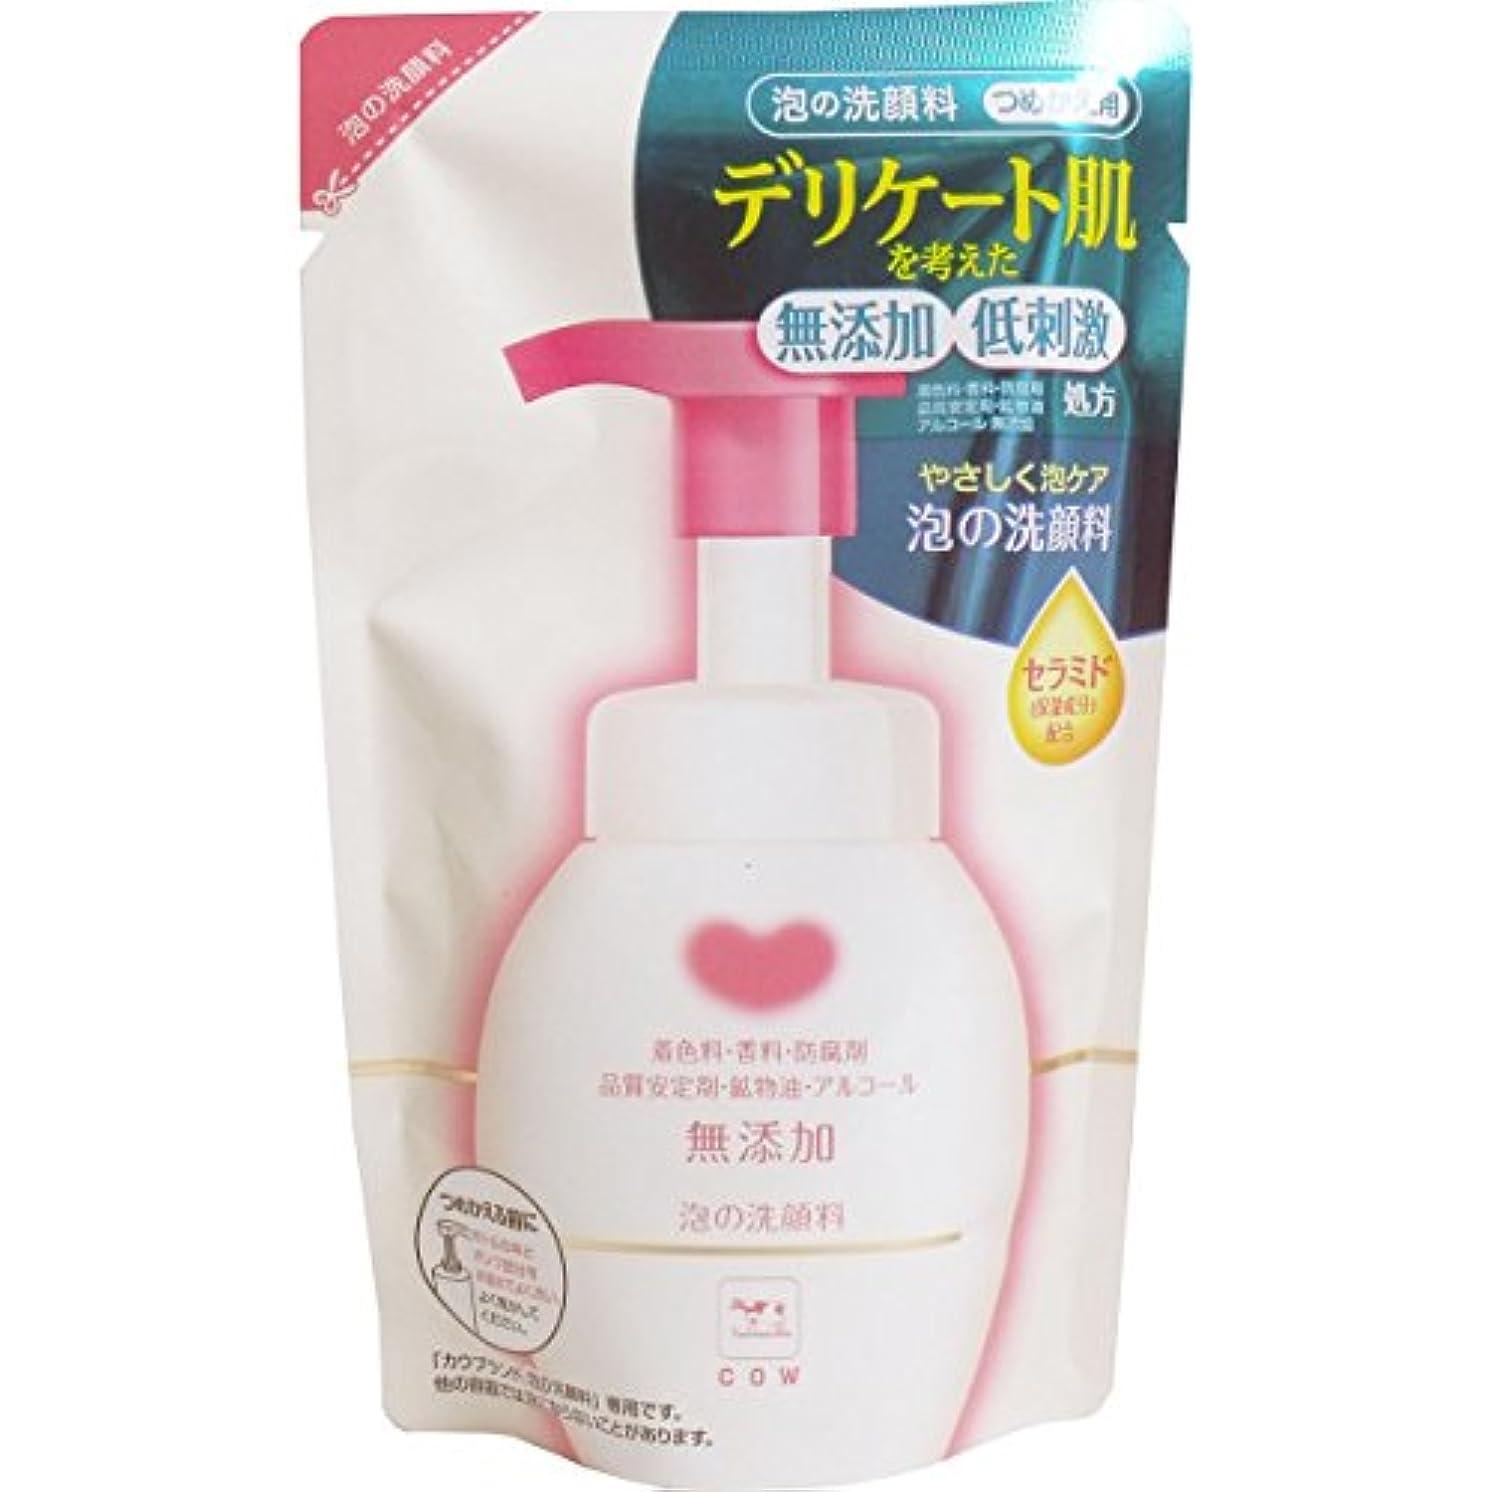 しゃがむ円形競争力のあるカウブランド 無添加 泡の洗顔料 つめかえ用 180ml 8セット